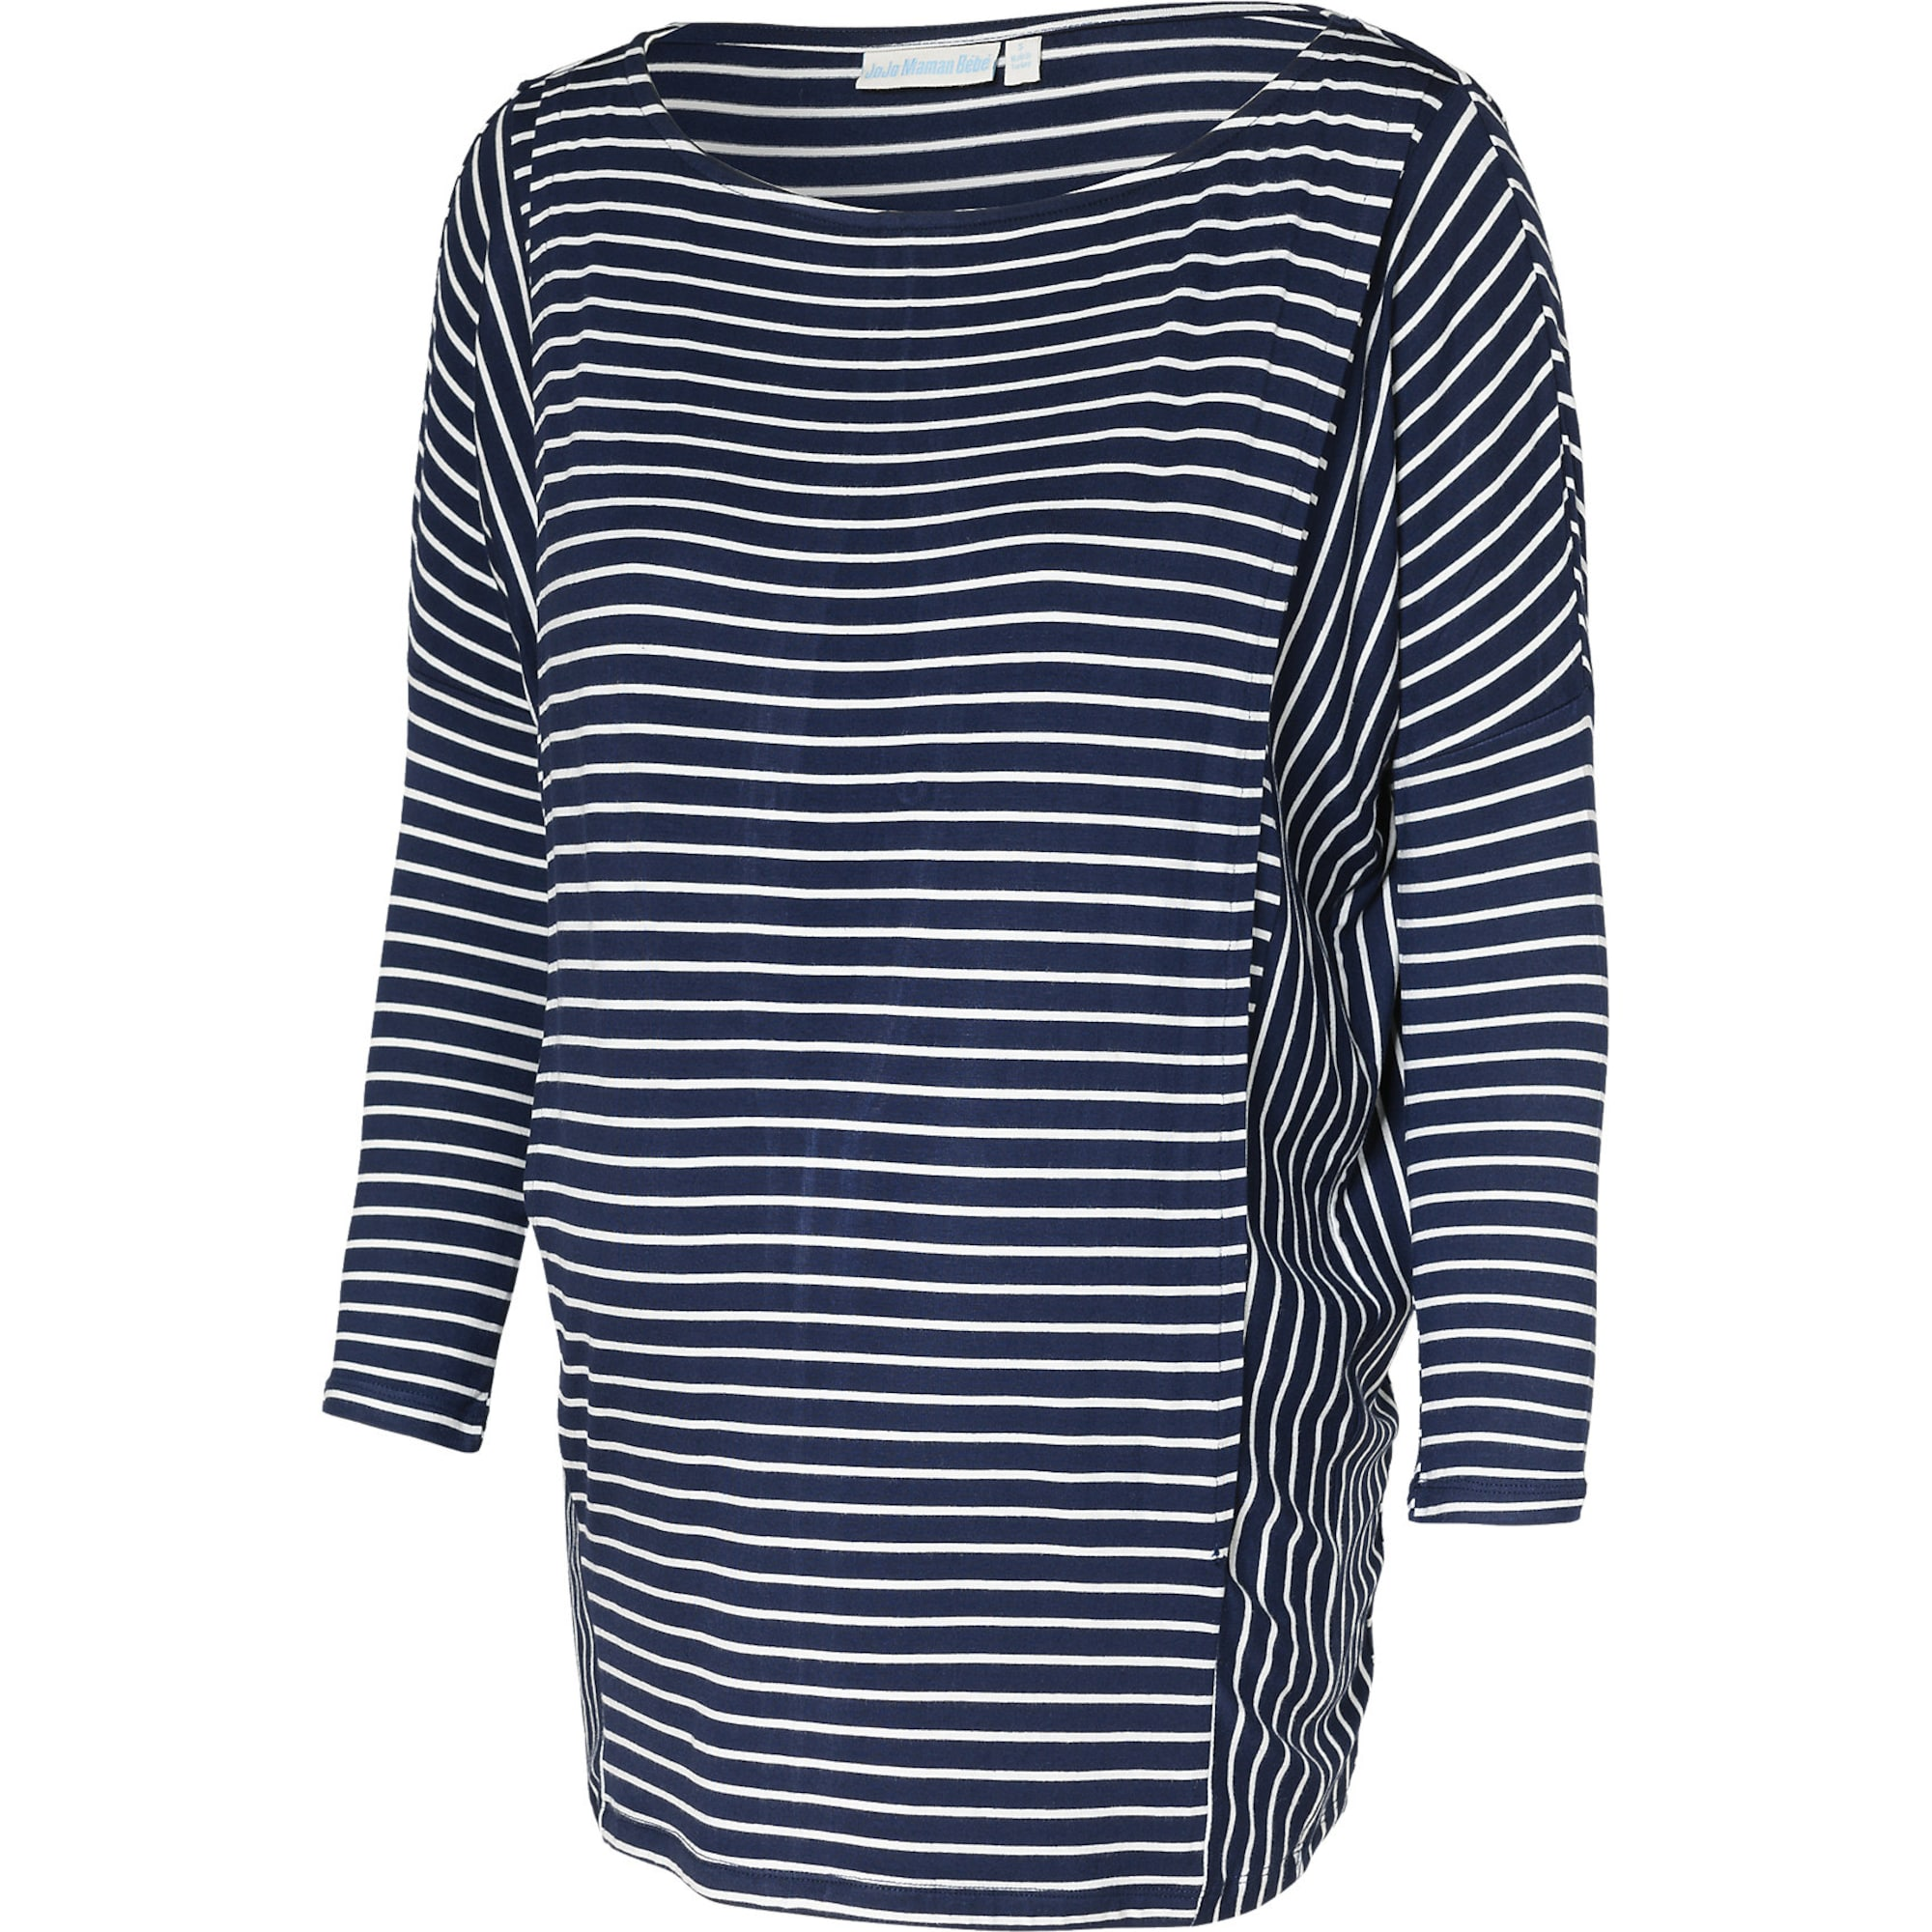 JoJo Maman Bébé Marškinėliai mėlyna / balta